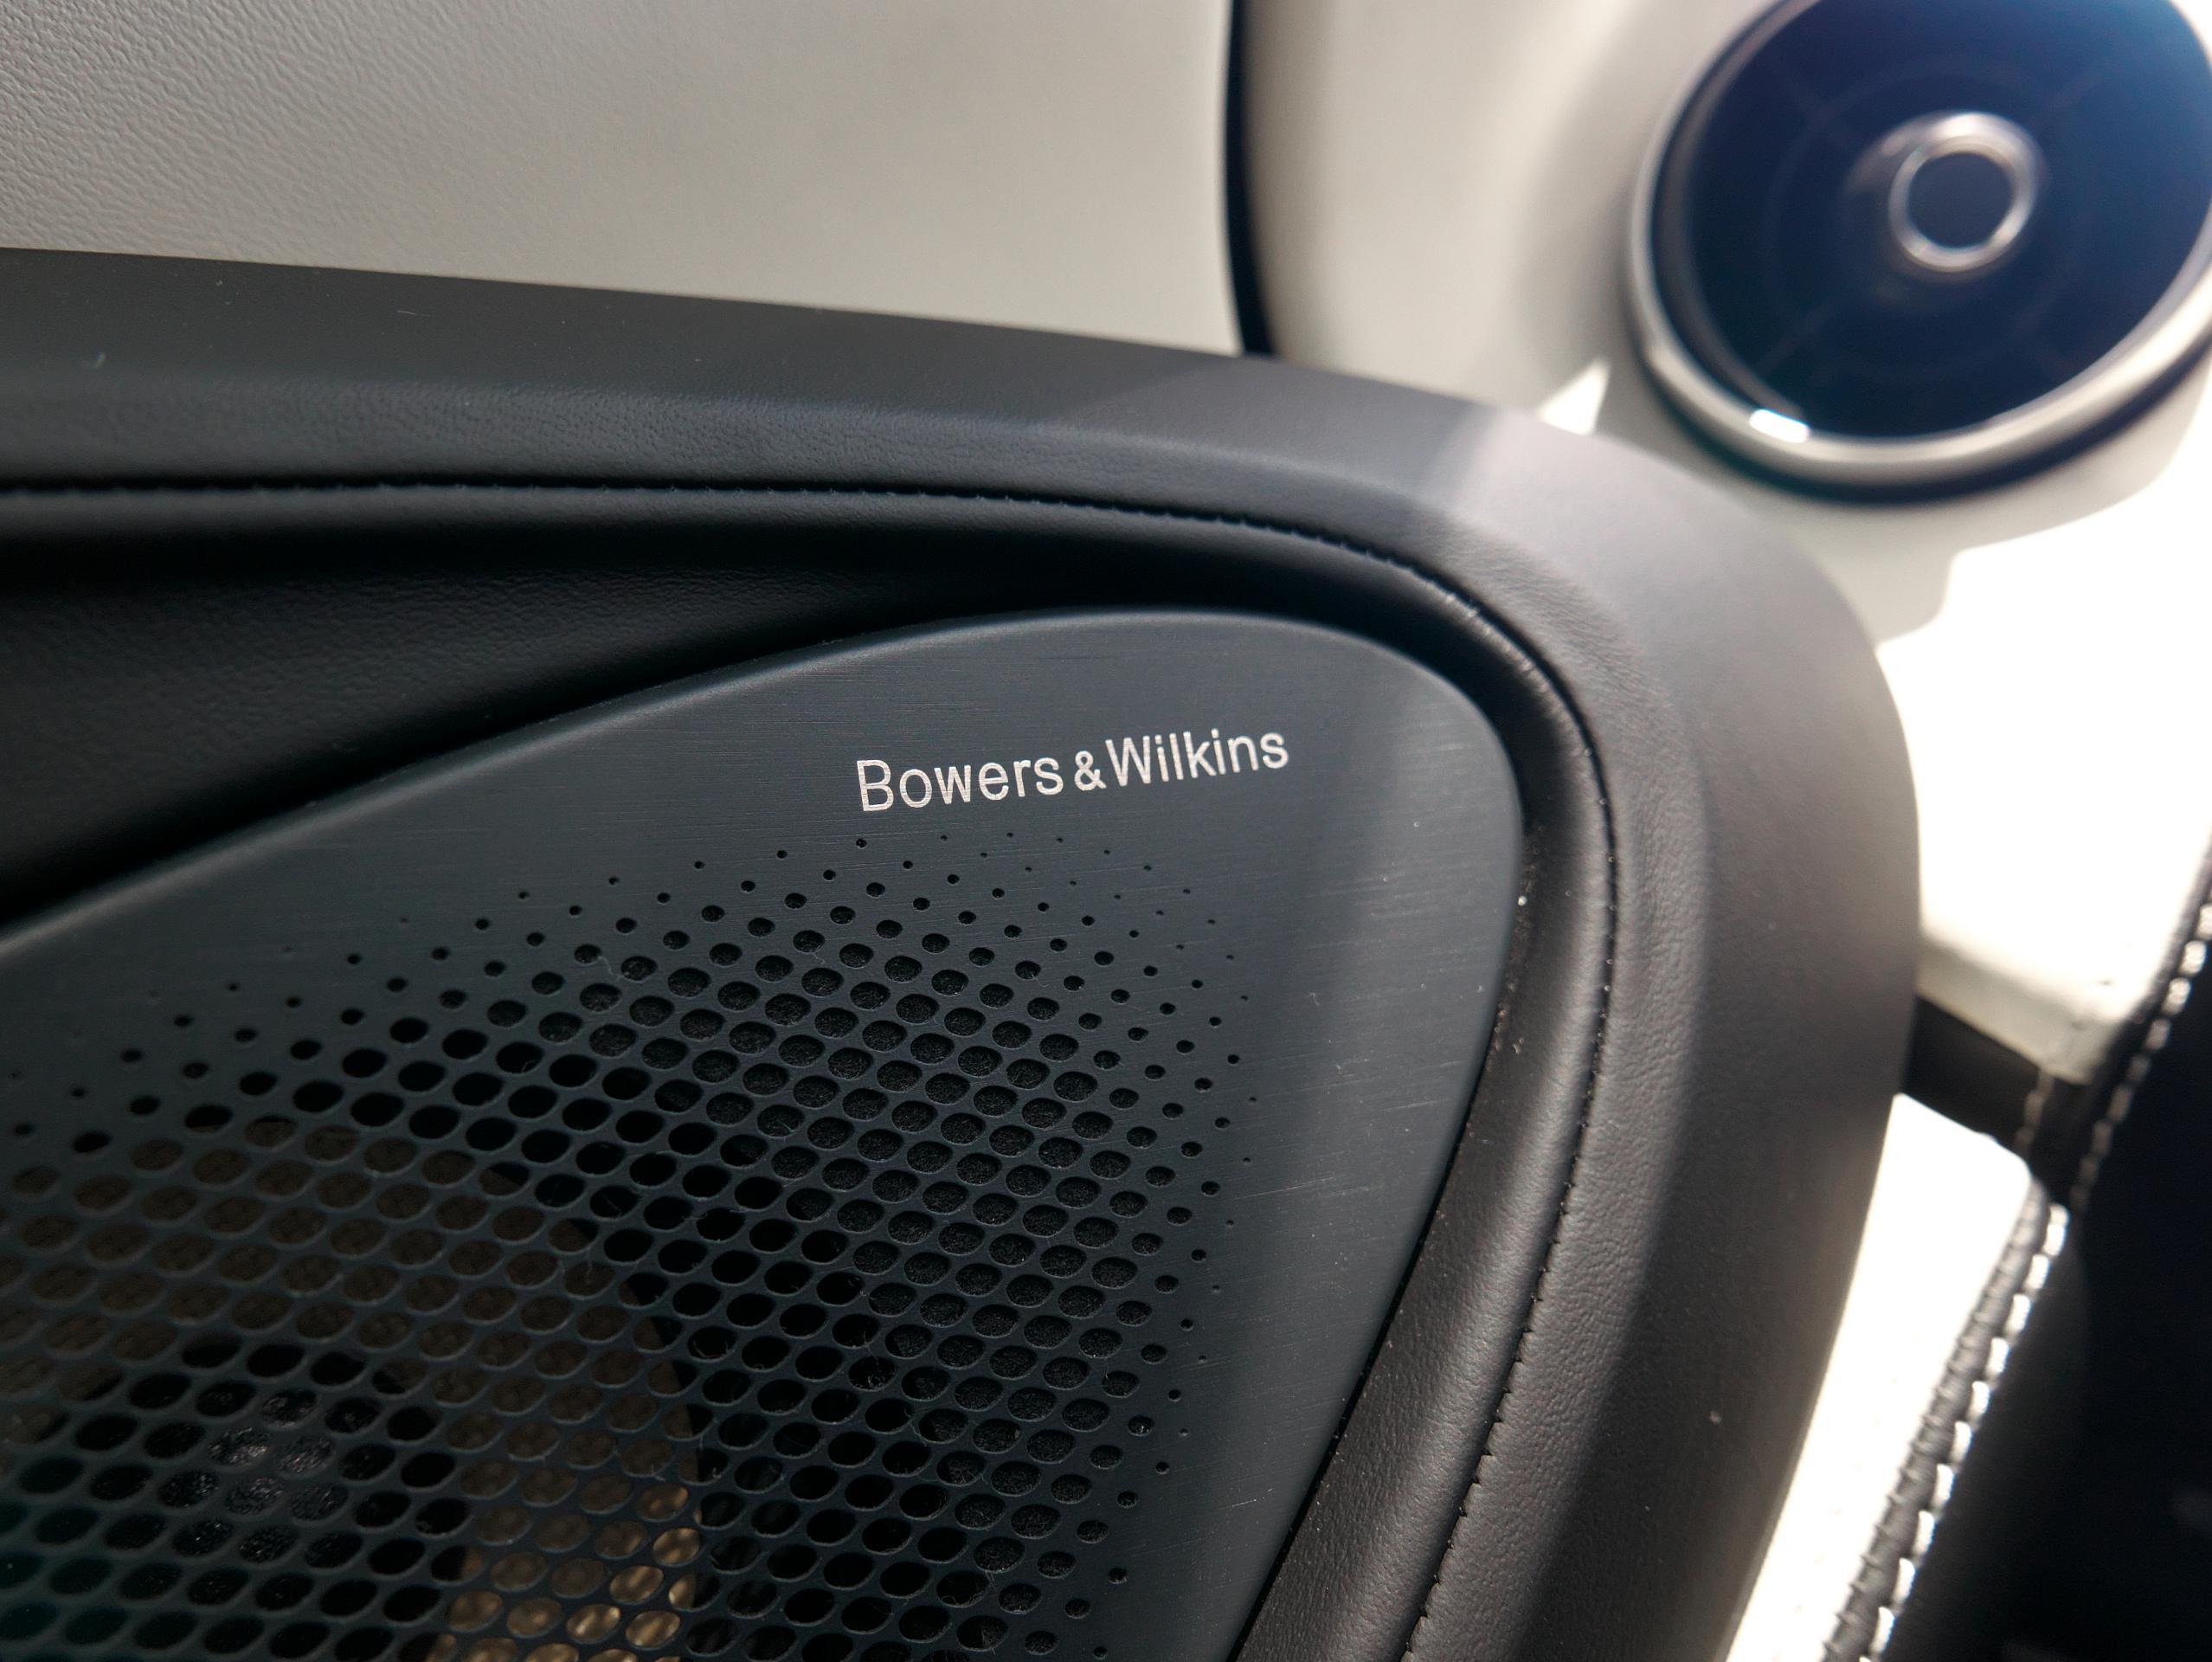 マクラーレン 540C Bowers & Wilkins スピーカー